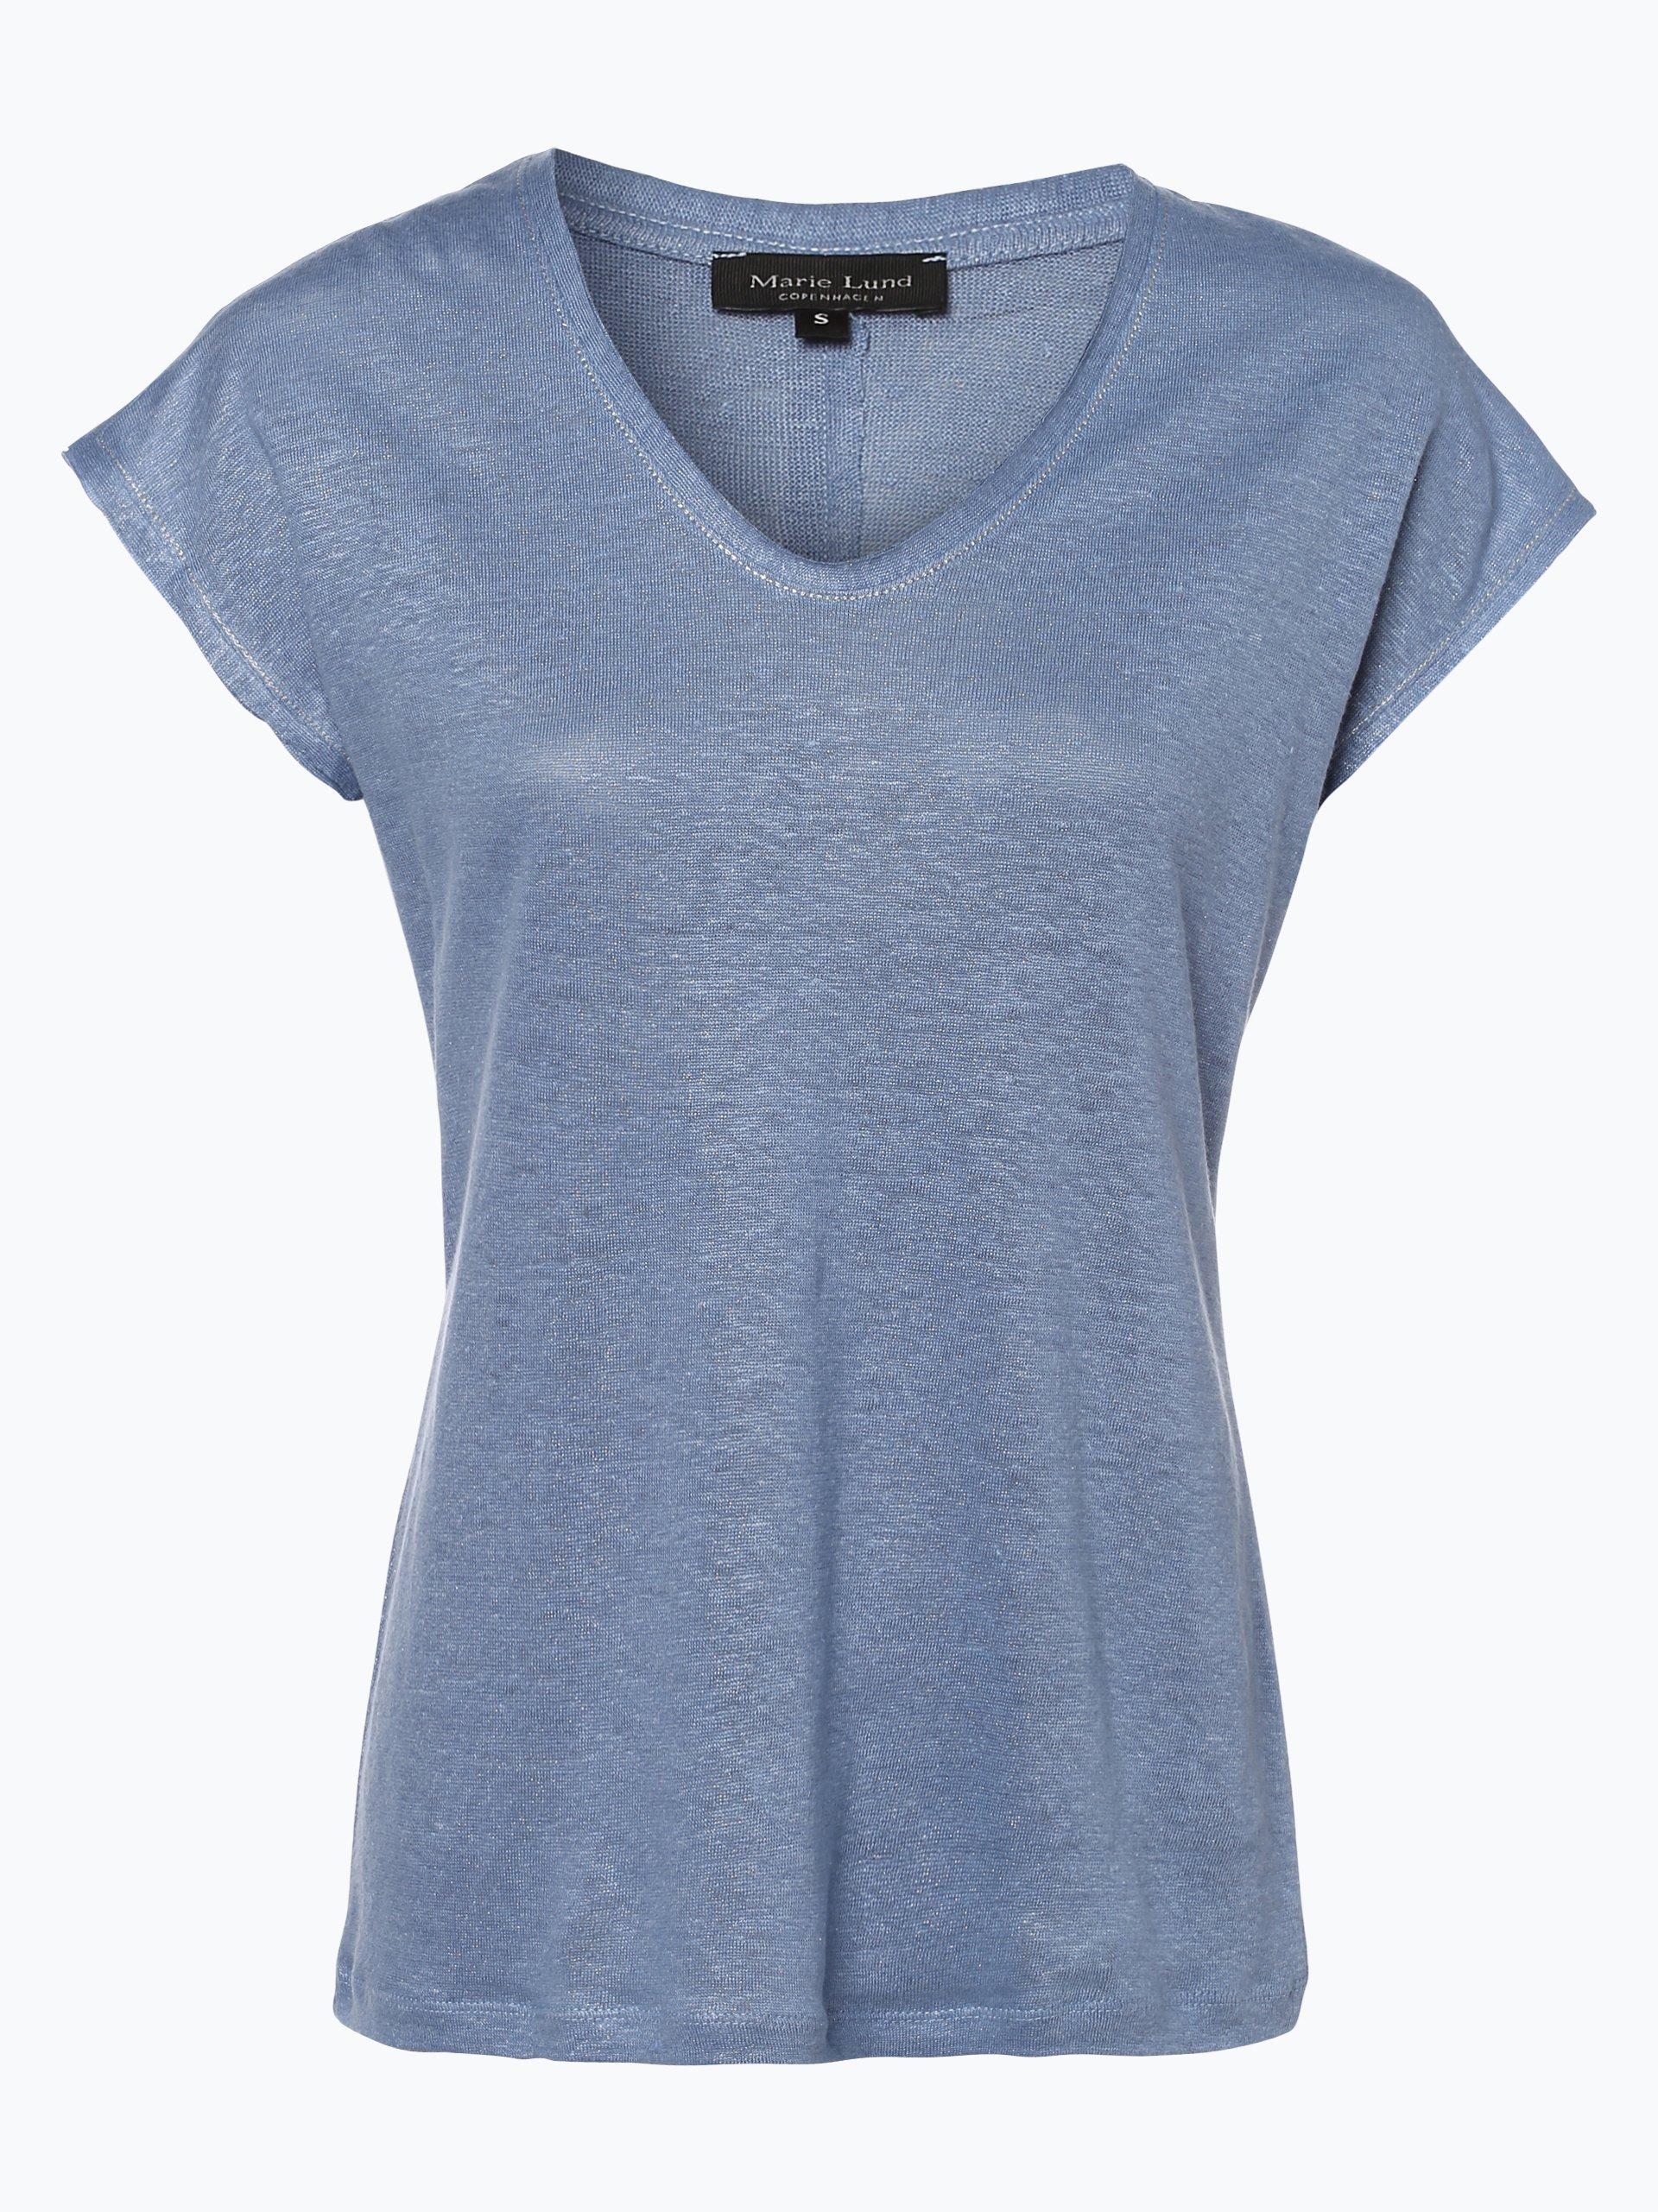 marie lund damen t shirt aus leinen indigo uni online. Black Bedroom Furniture Sets. Home Design Ideas